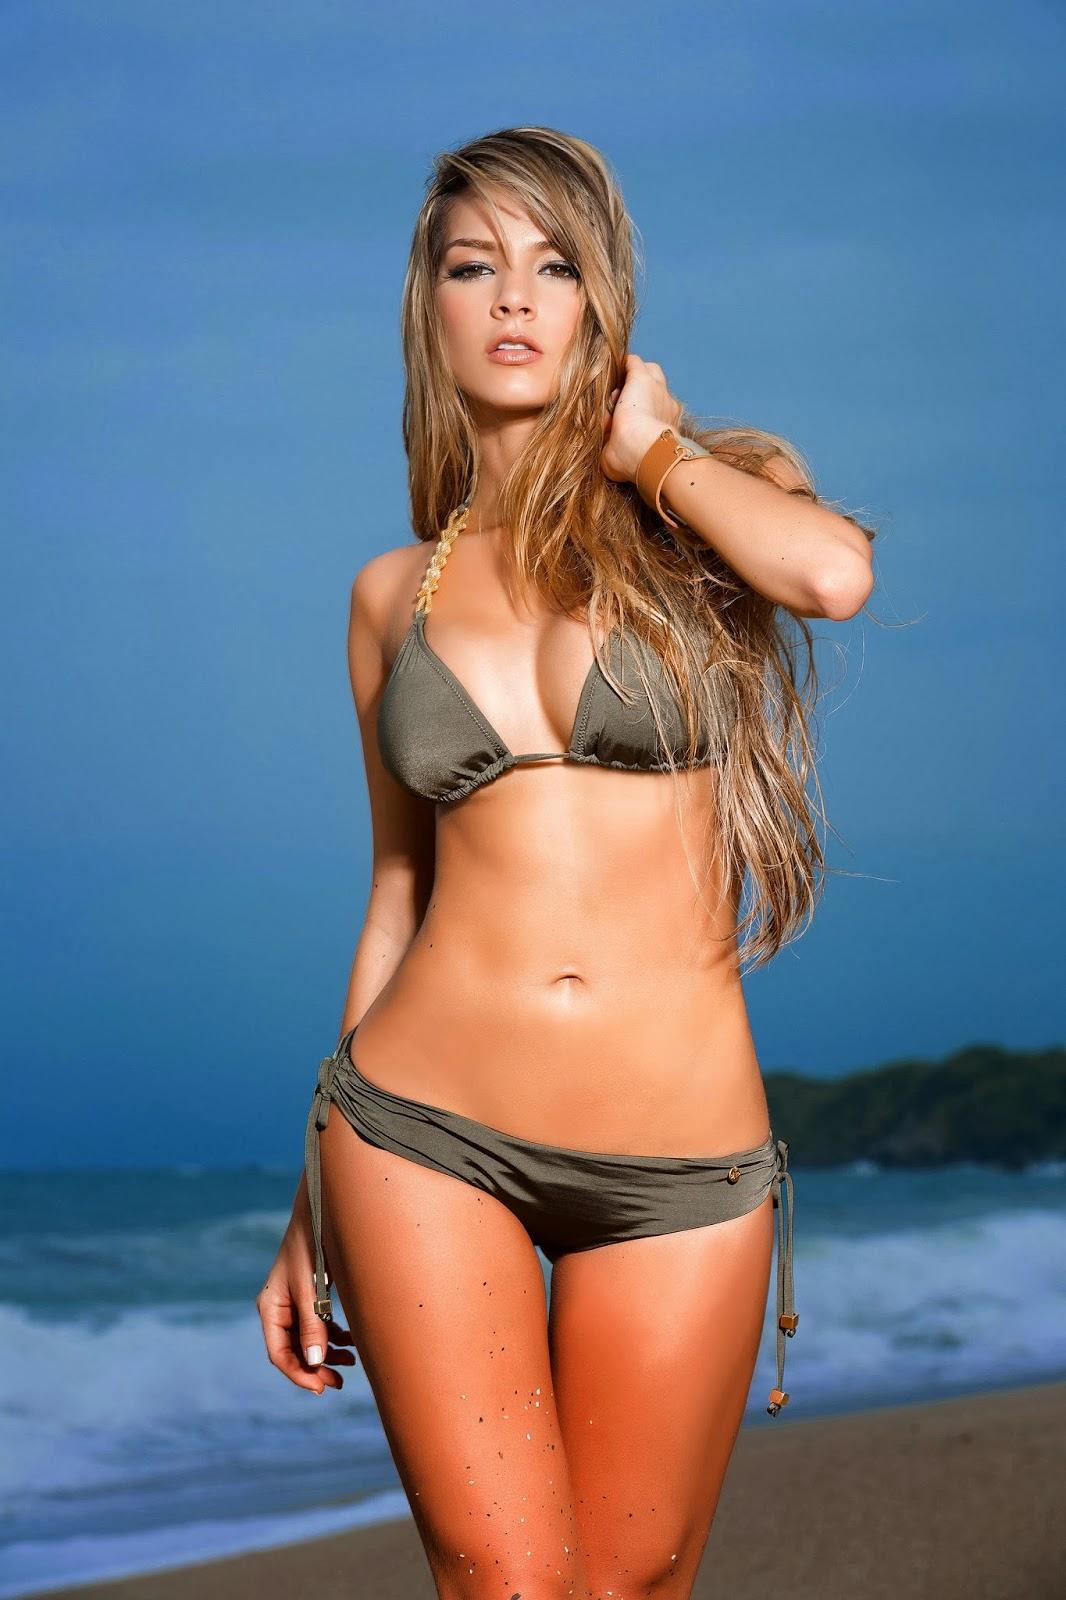 Fotos de la modelo ecuatoriana la bomba 42